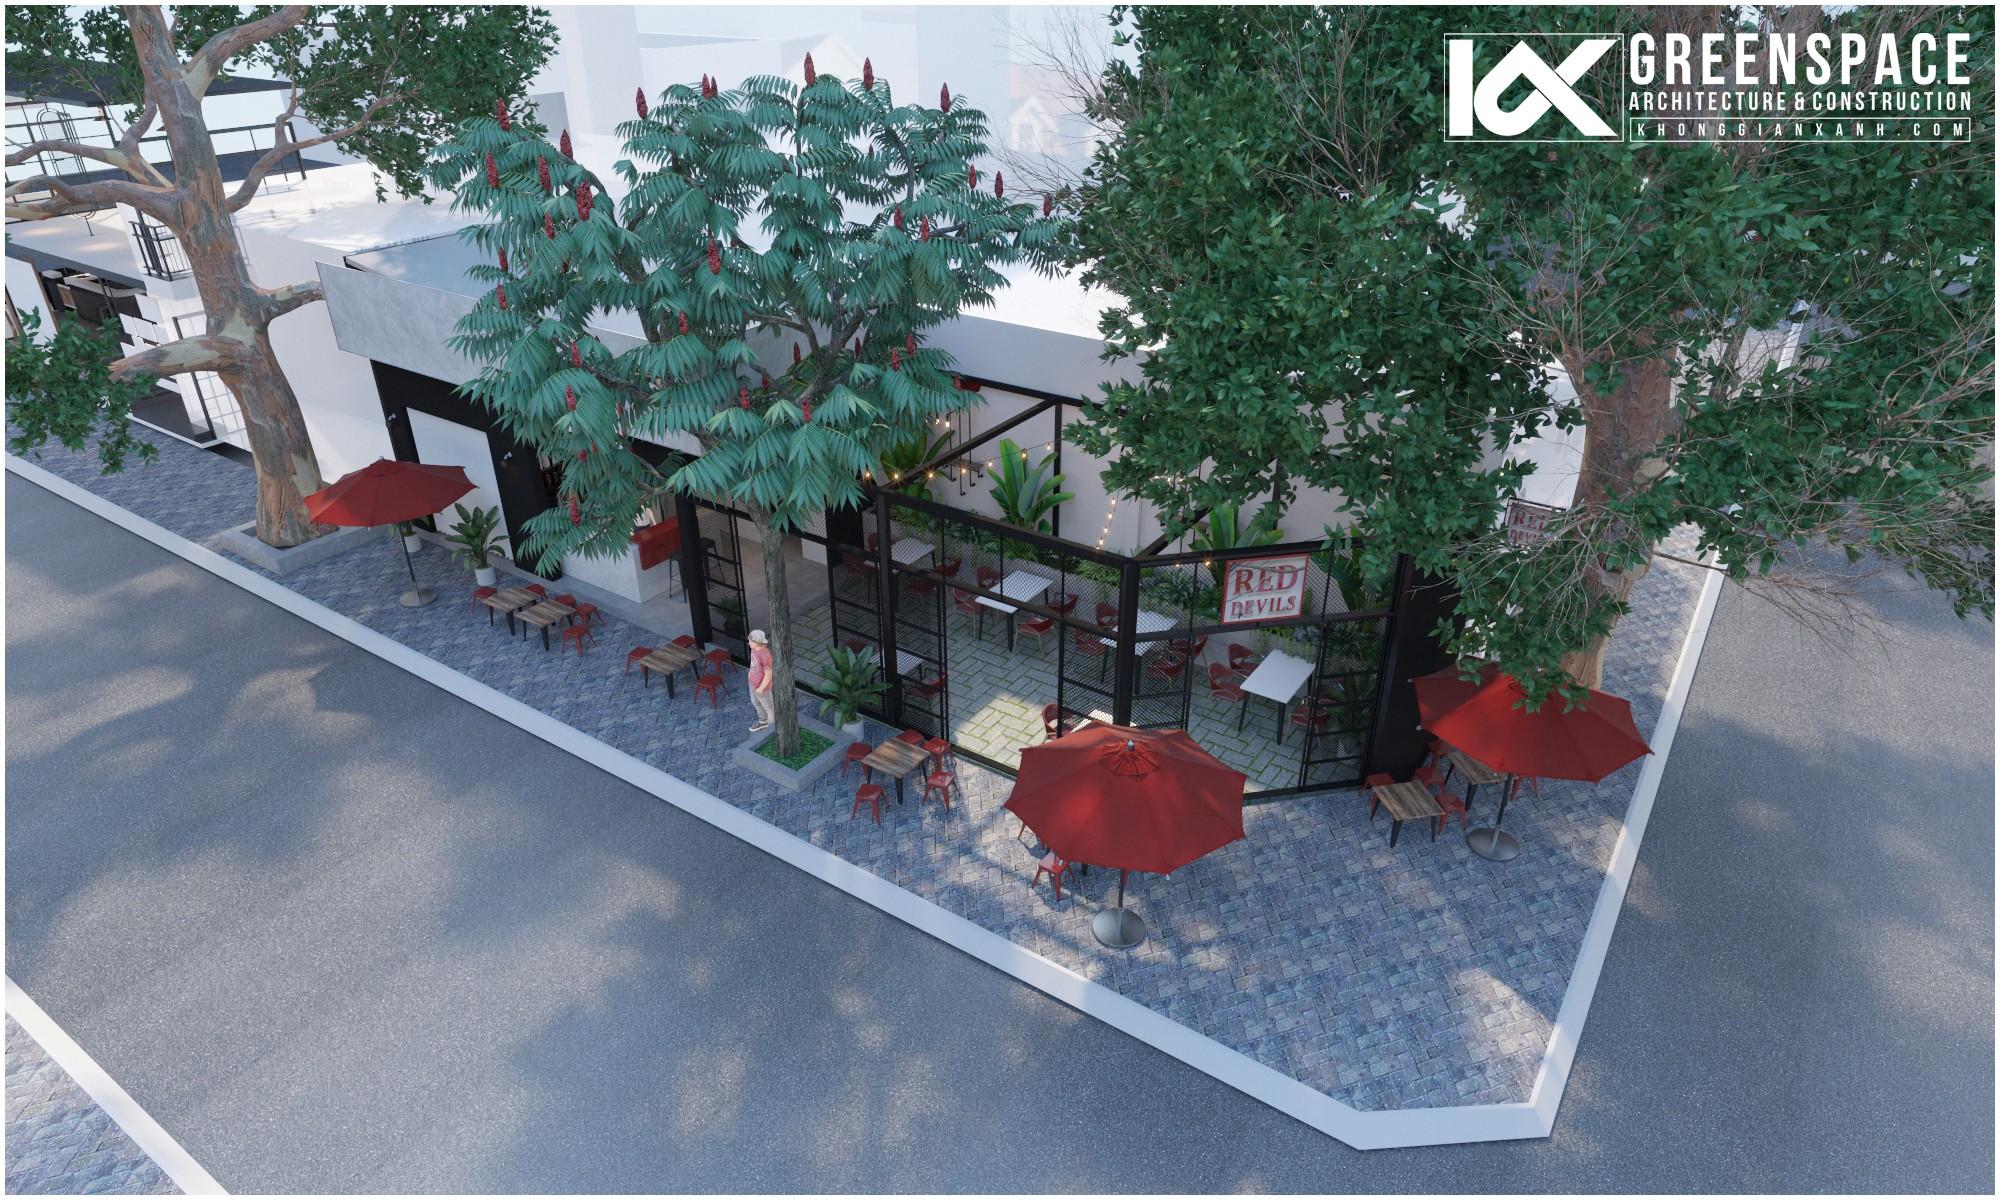 Mô hình thiết kế quán cafe Red Devils